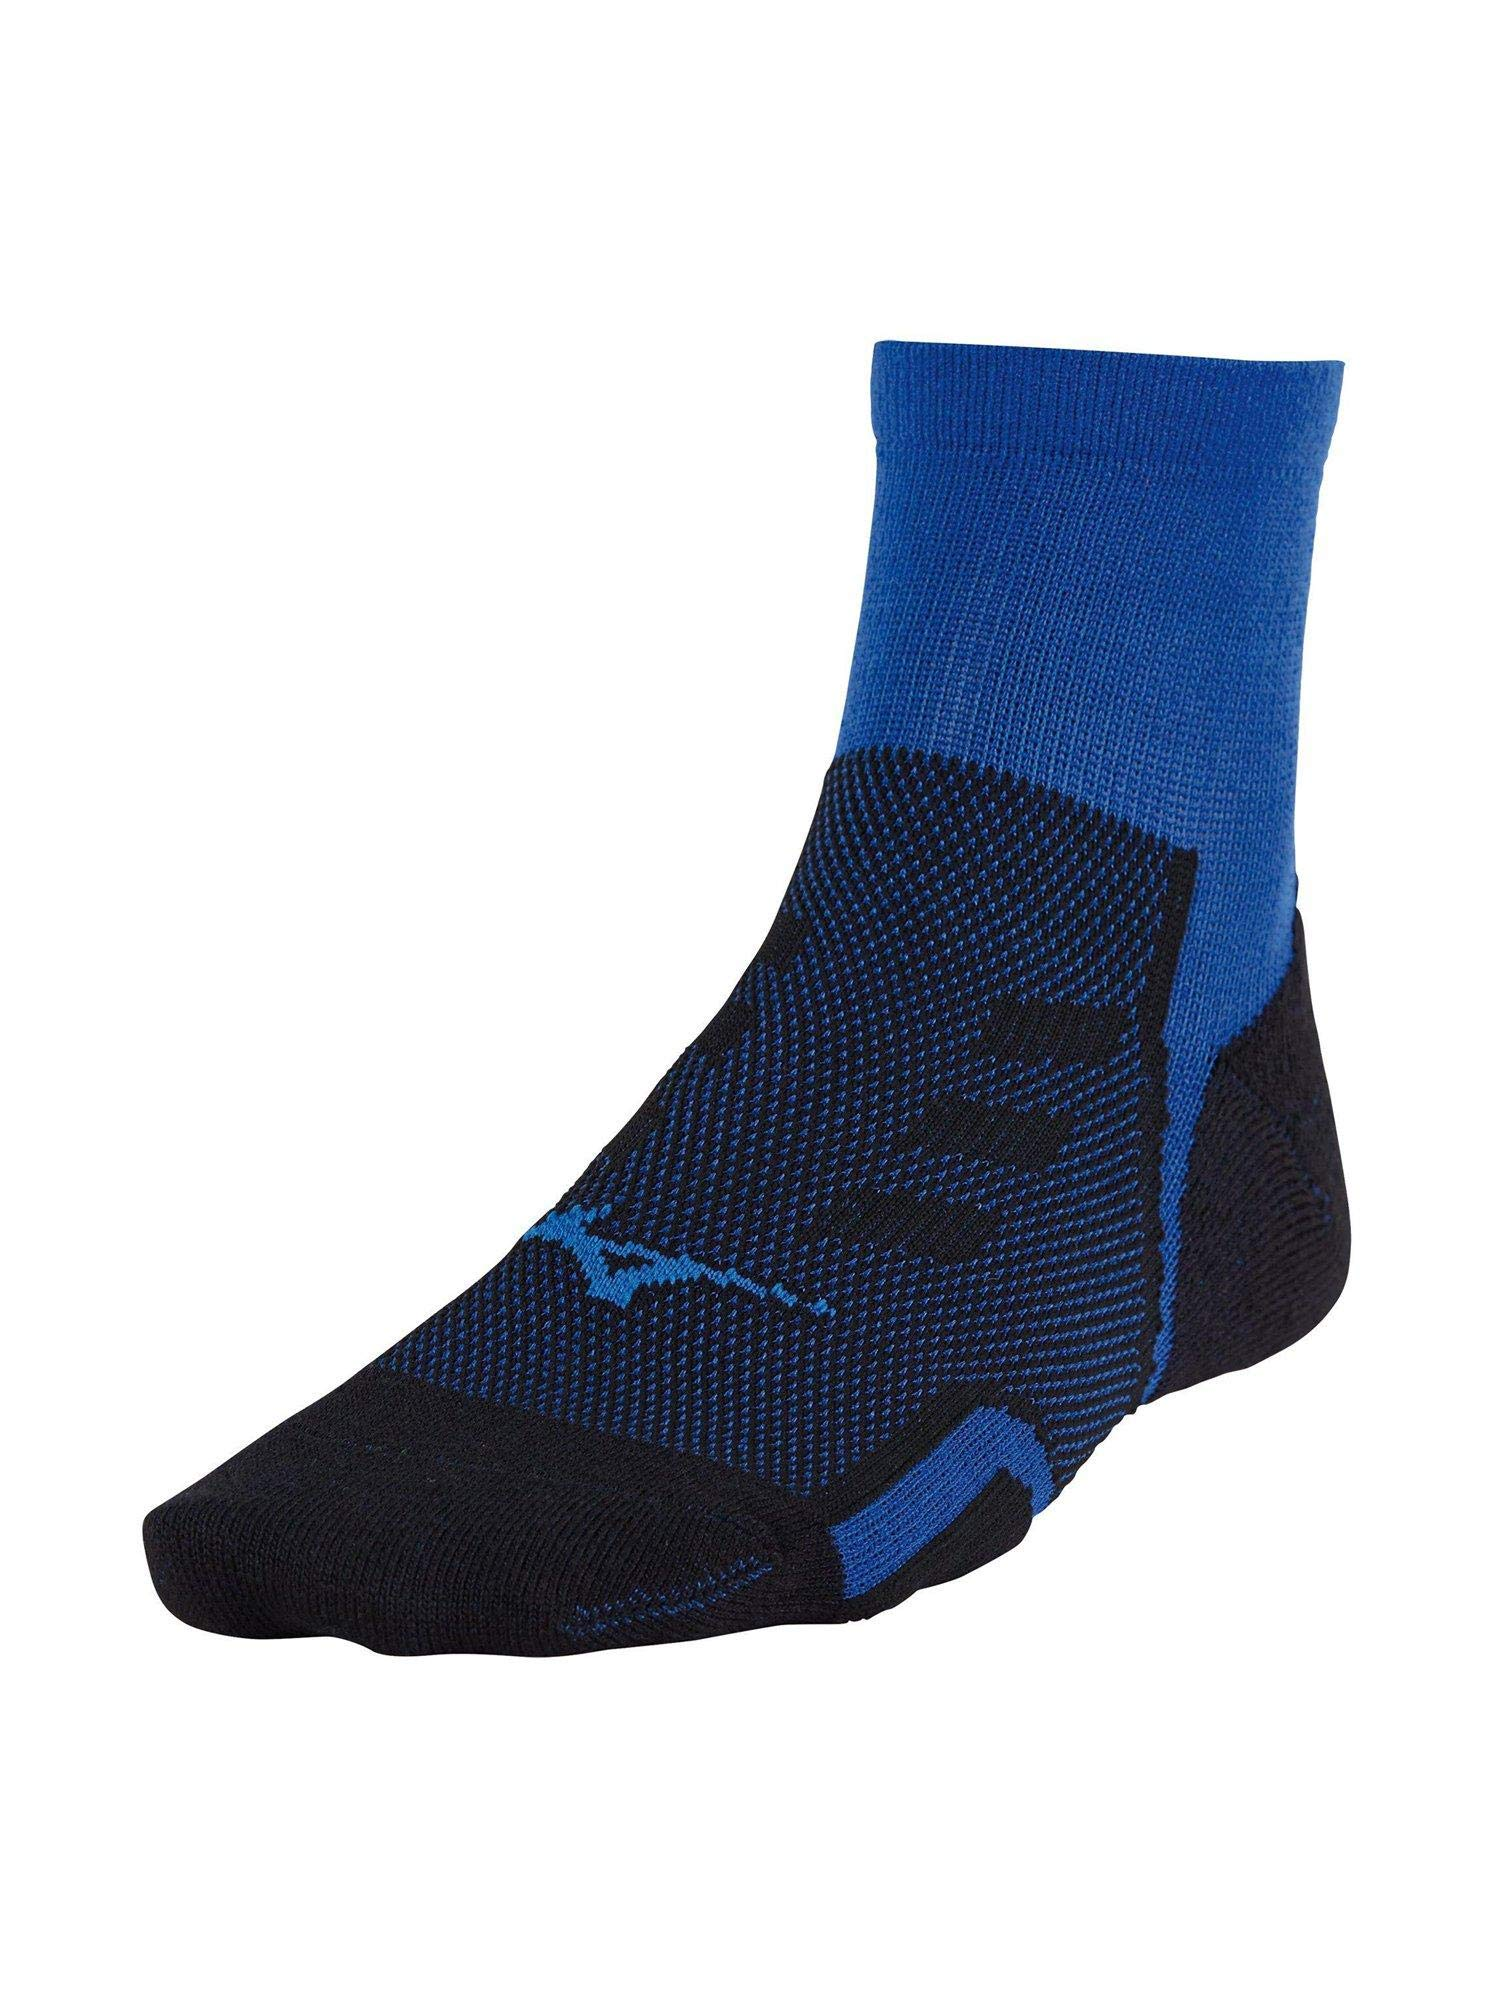 Mizuno Running Drylite Comfort Low Socks